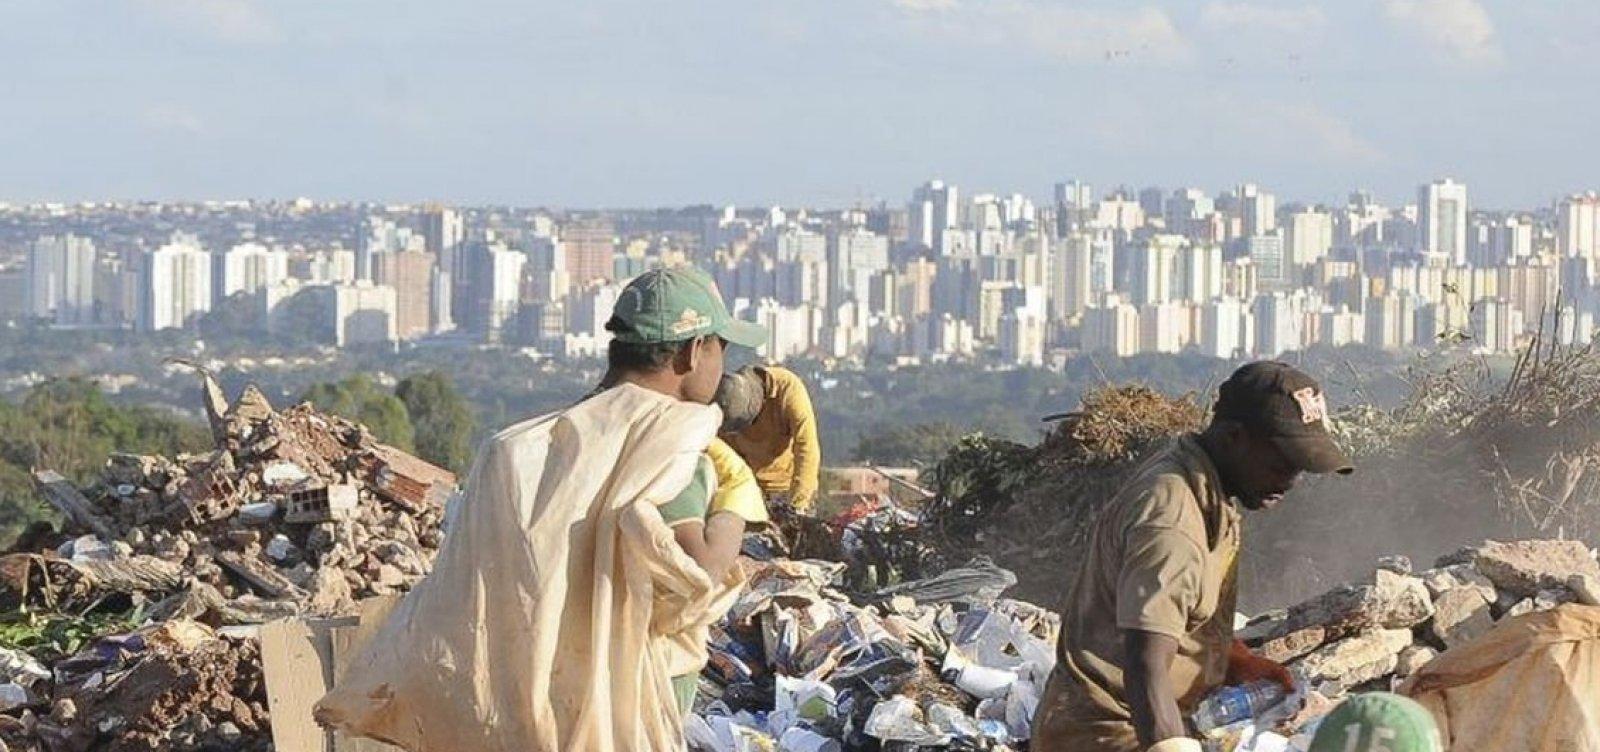 [Ceasas descartam comida suficiente para alimentar estado de Rondônia por um ano]